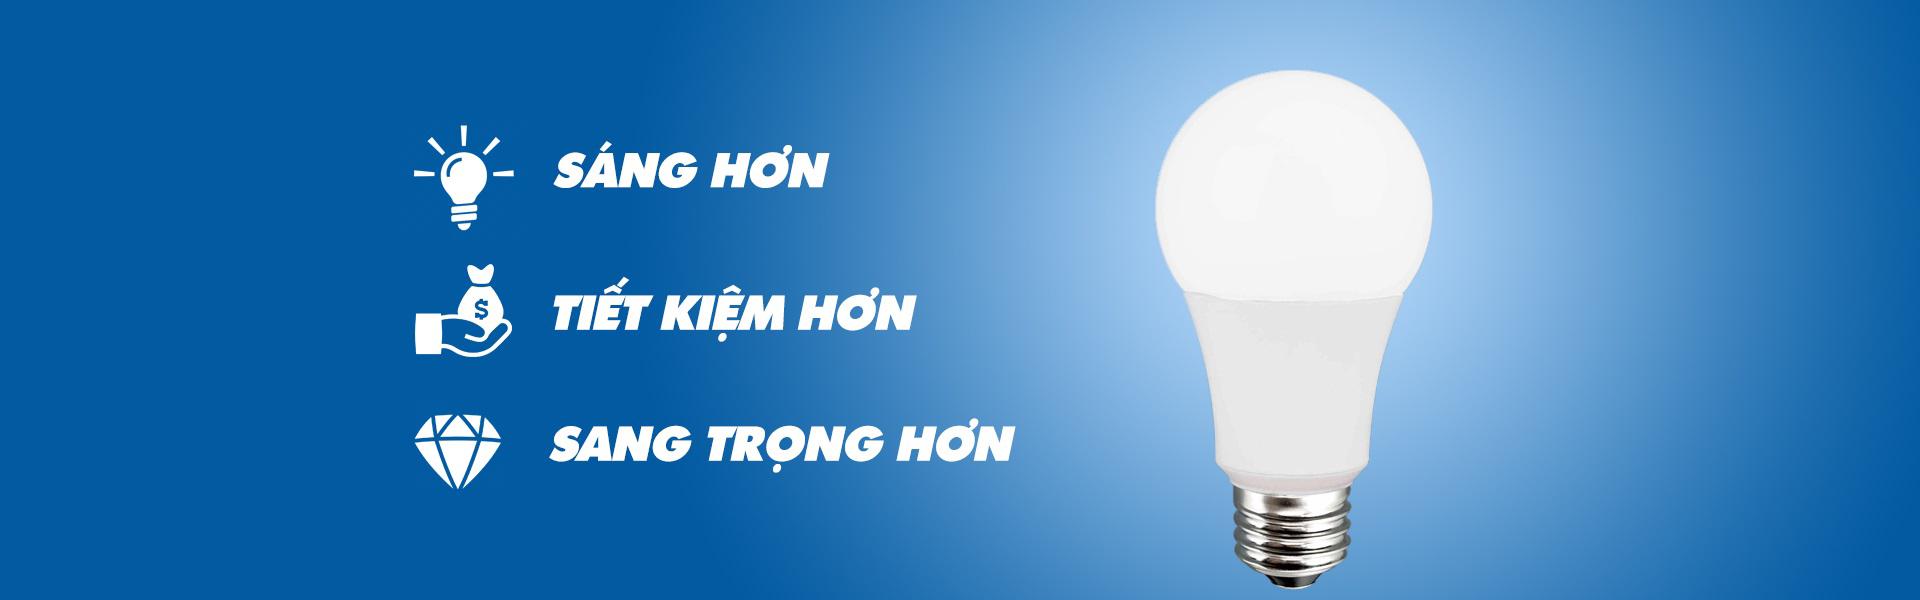 Mua đèn led giá rẻ tại Hà Tĩnh chỗ nào thì rẻ?